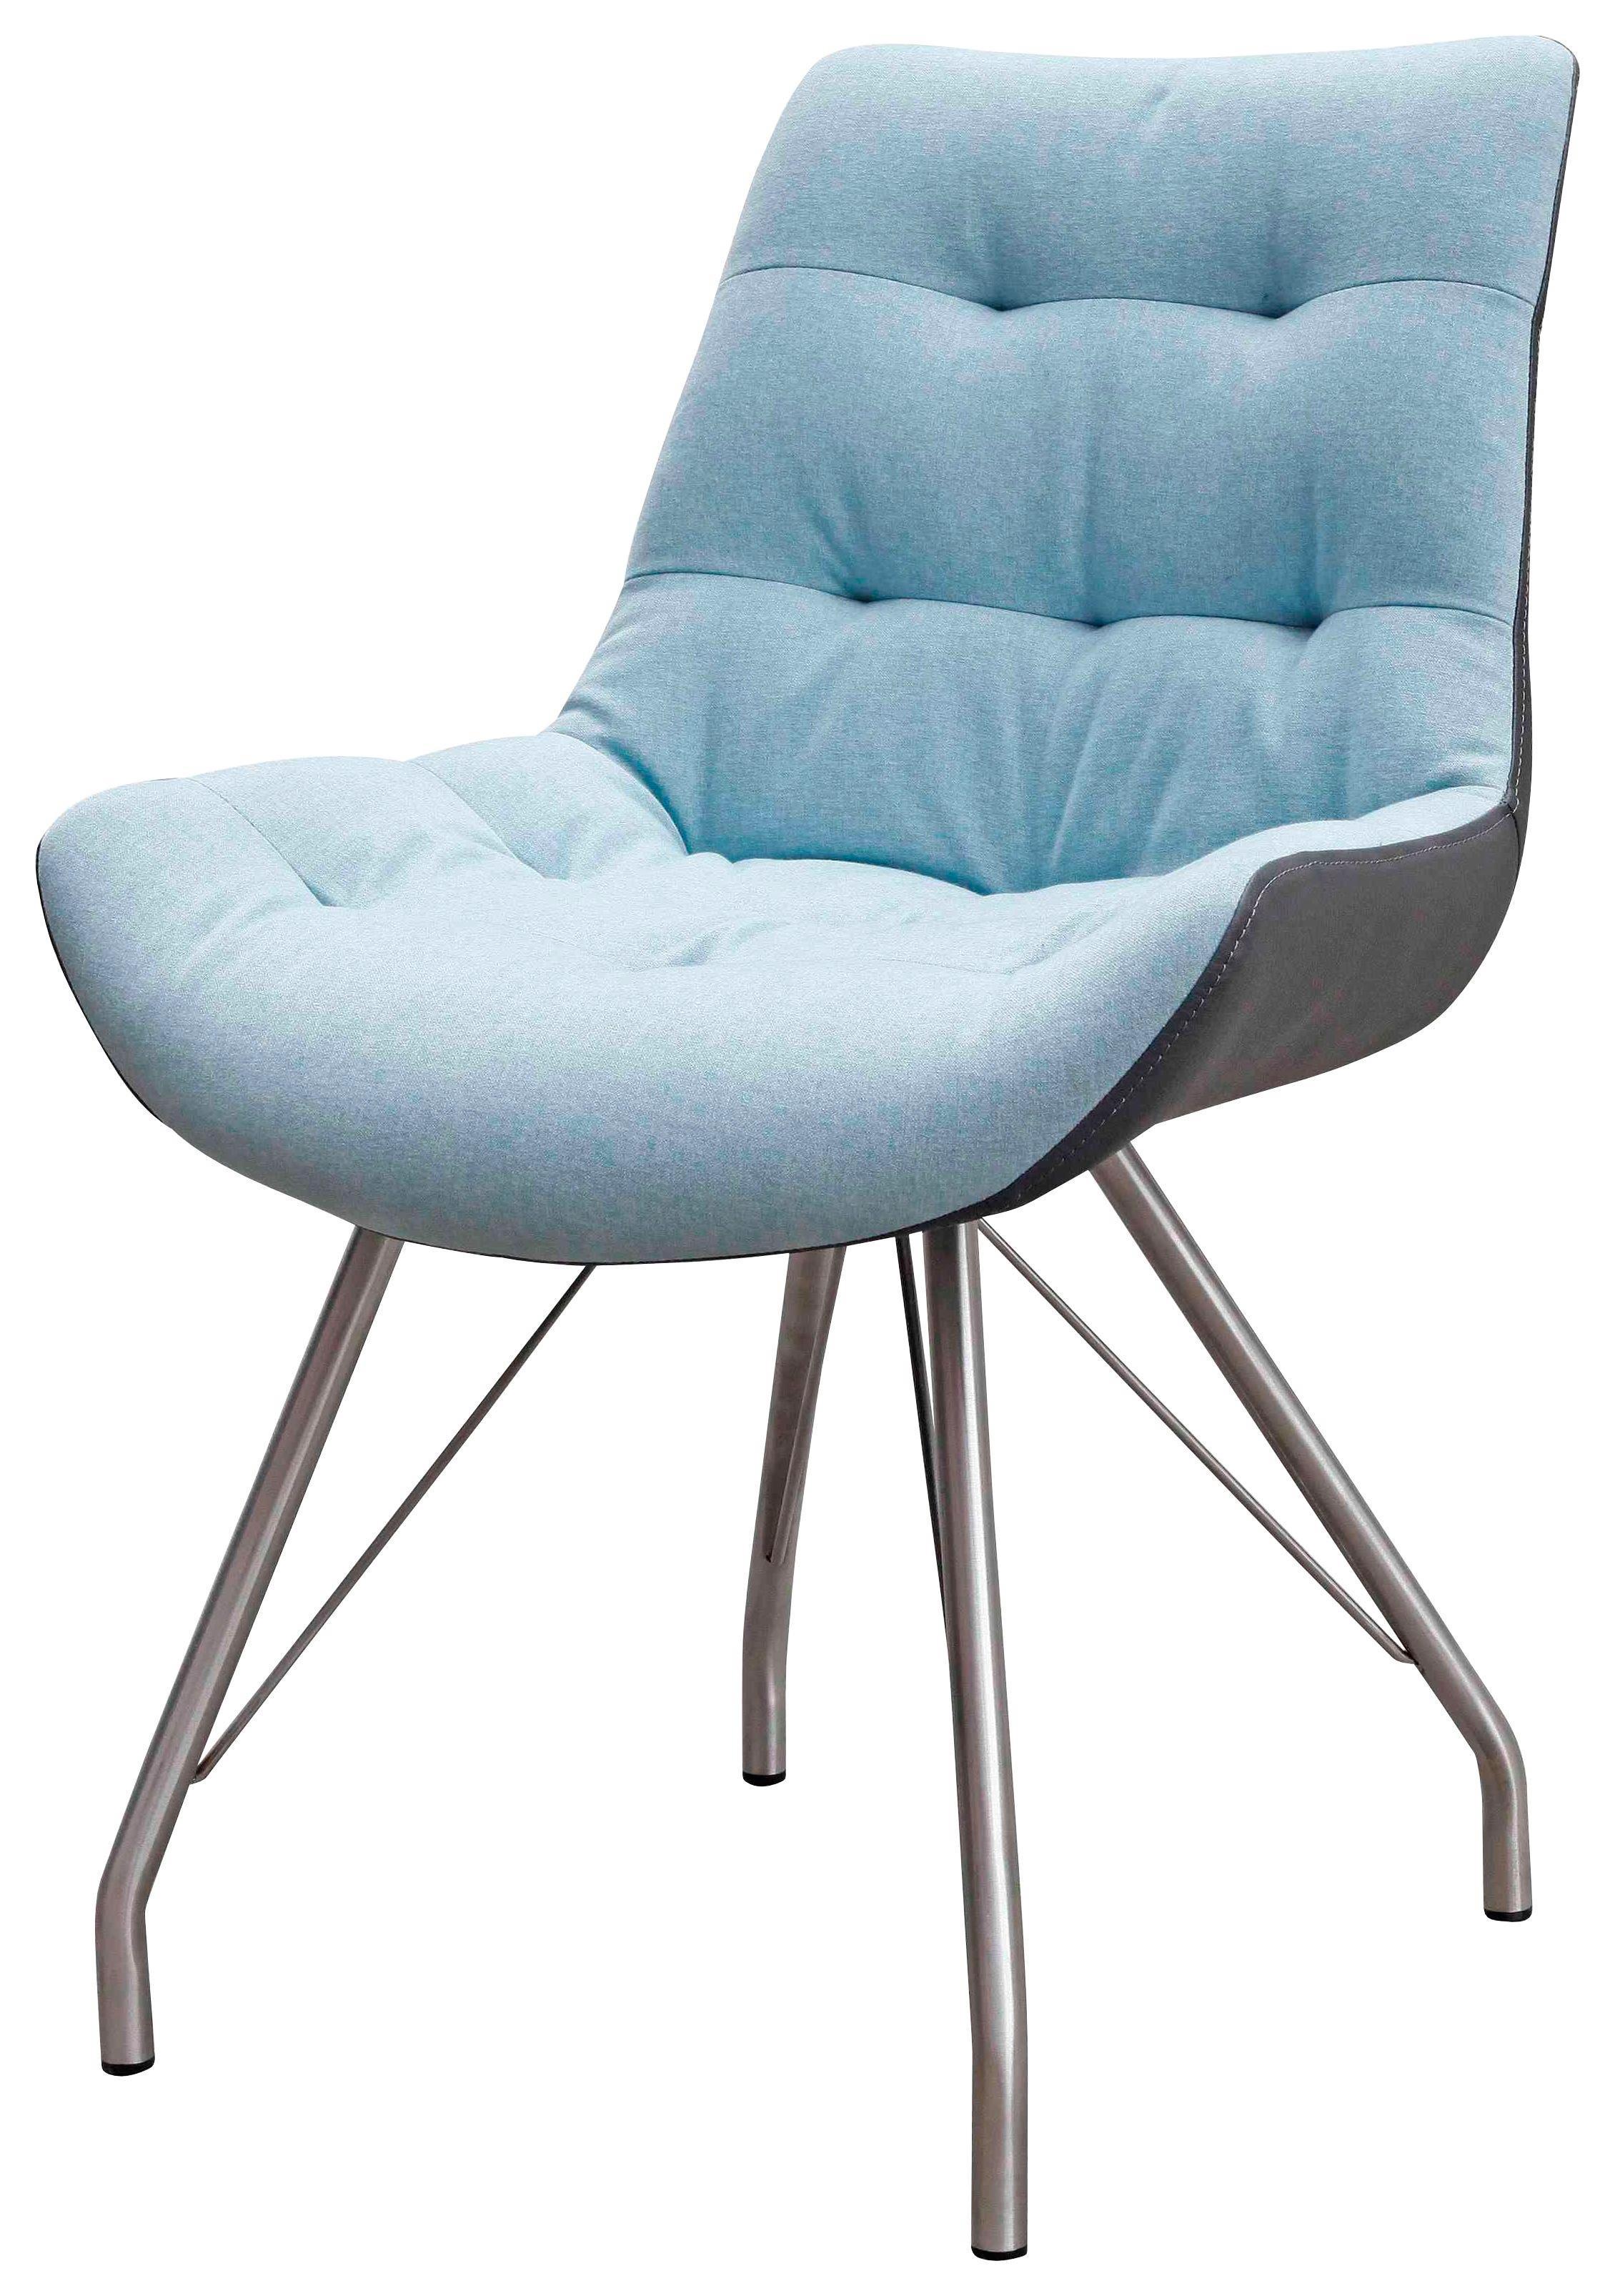 STUHL Webstoff Edelstahlfarben, Grau, Hellblau - Edelstahlfarben/Grau, Design, Textil/Metall (55,5/83/62,5cm) - HOM`IN